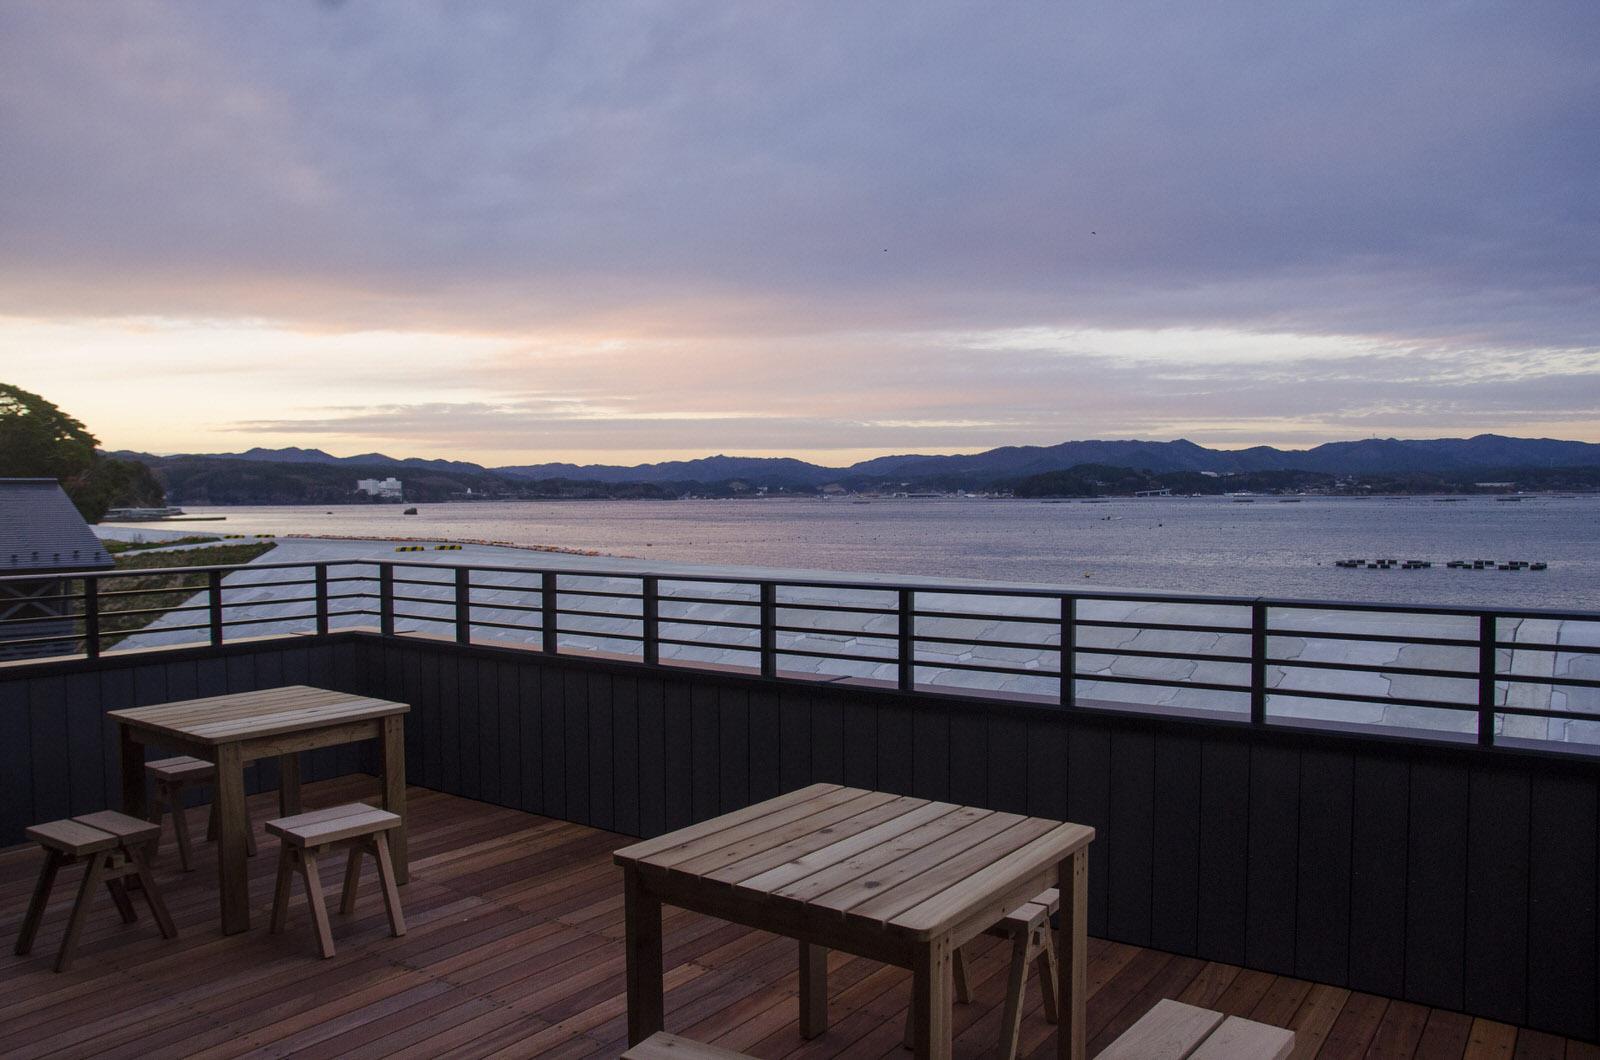 2階ウッドテラスから眺める志津川湾。この海と里山をフィールドにさまざまなアクティビティを展開します